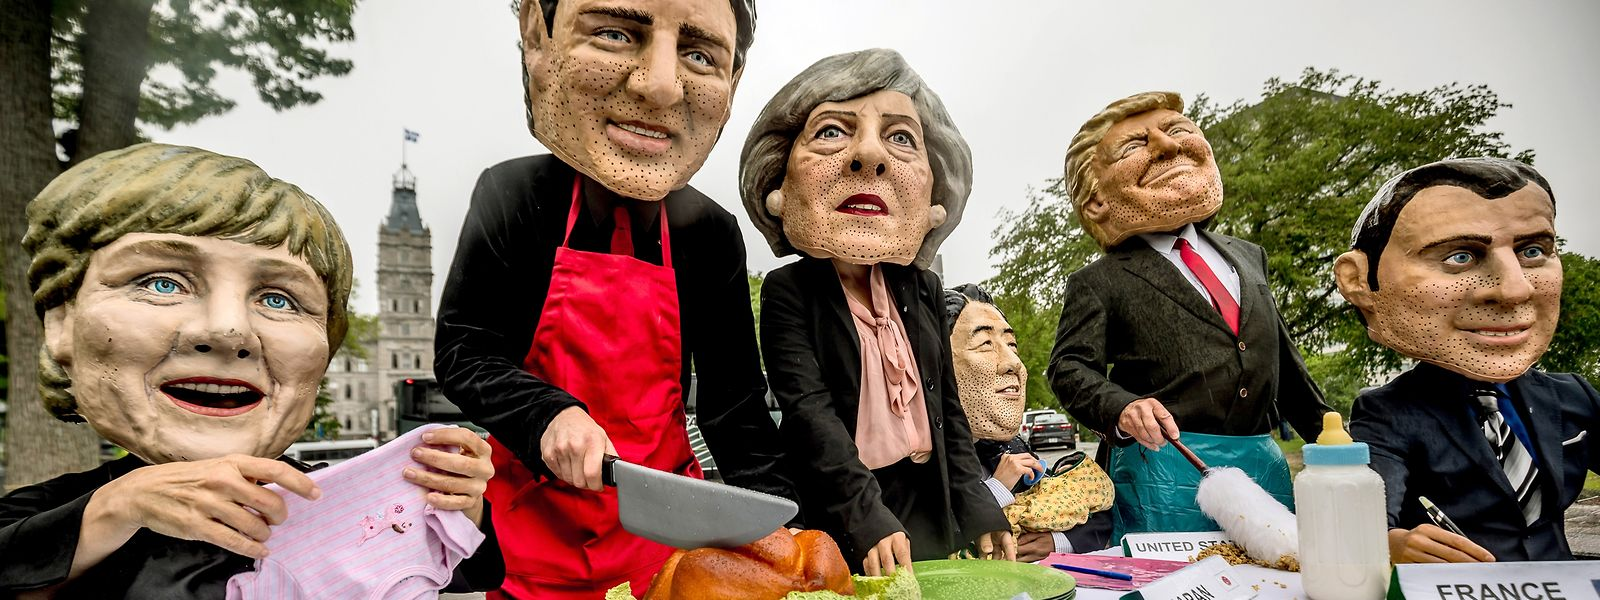 Es gab auch friedliche Demonstrationen gegen die G7. Aktivisten von Oxfam mit Masken der G7-Gipfel Teilnehmer.